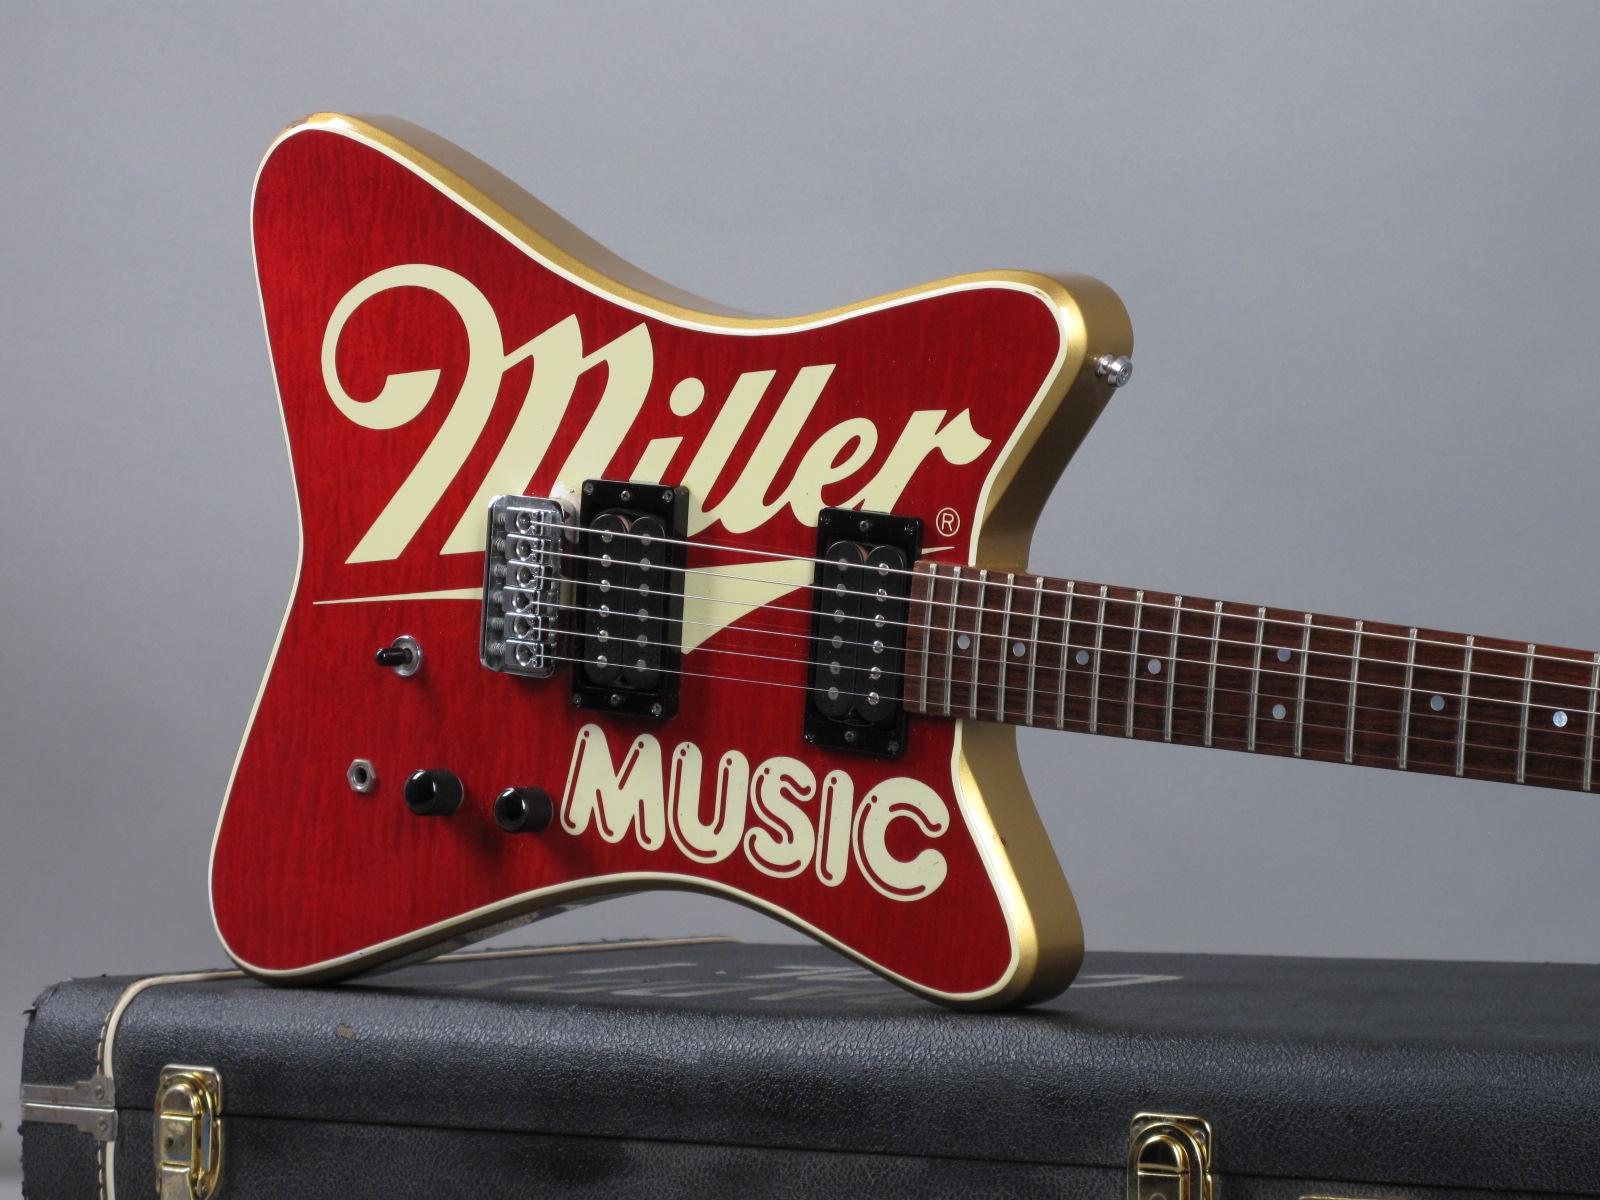 https://guitarpoint.de/app/uploads/products/1985-hamer-miller-music-2/1985-Hamer-Miller-Music-514303_19.jpg